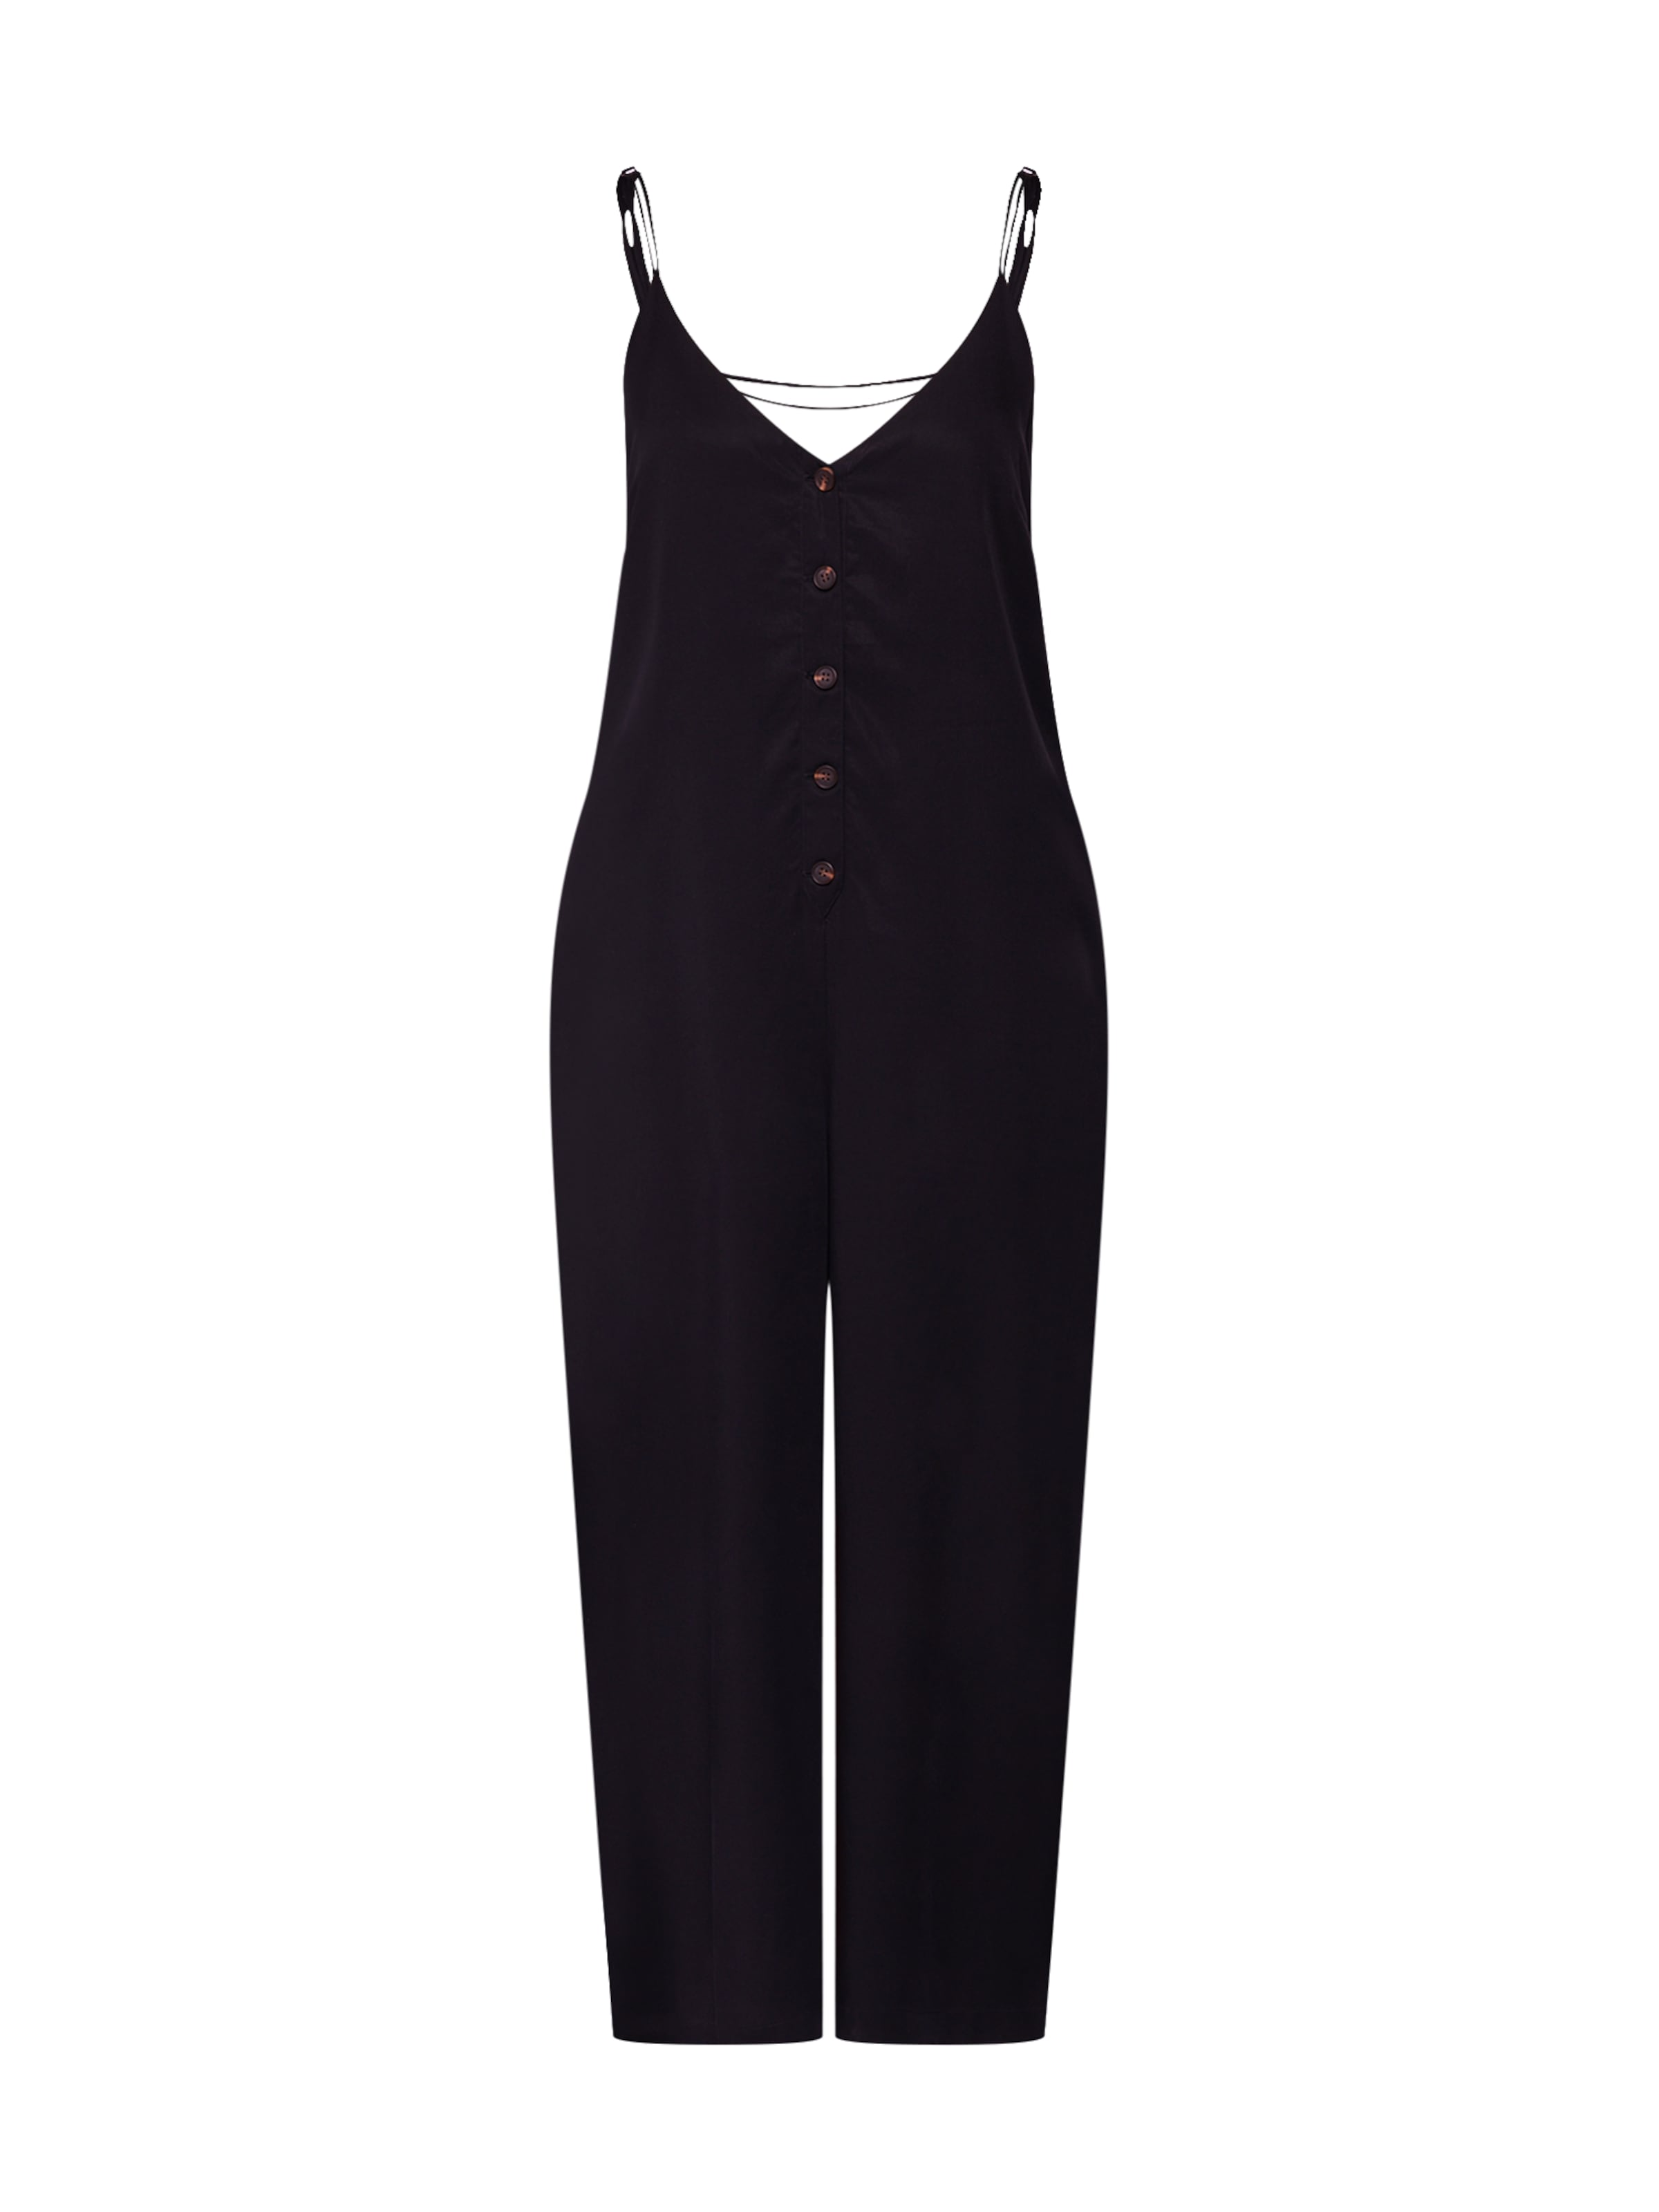 'tencel Minkpink Overall In Jumpsuit' Schwarz QsdChxtrBo